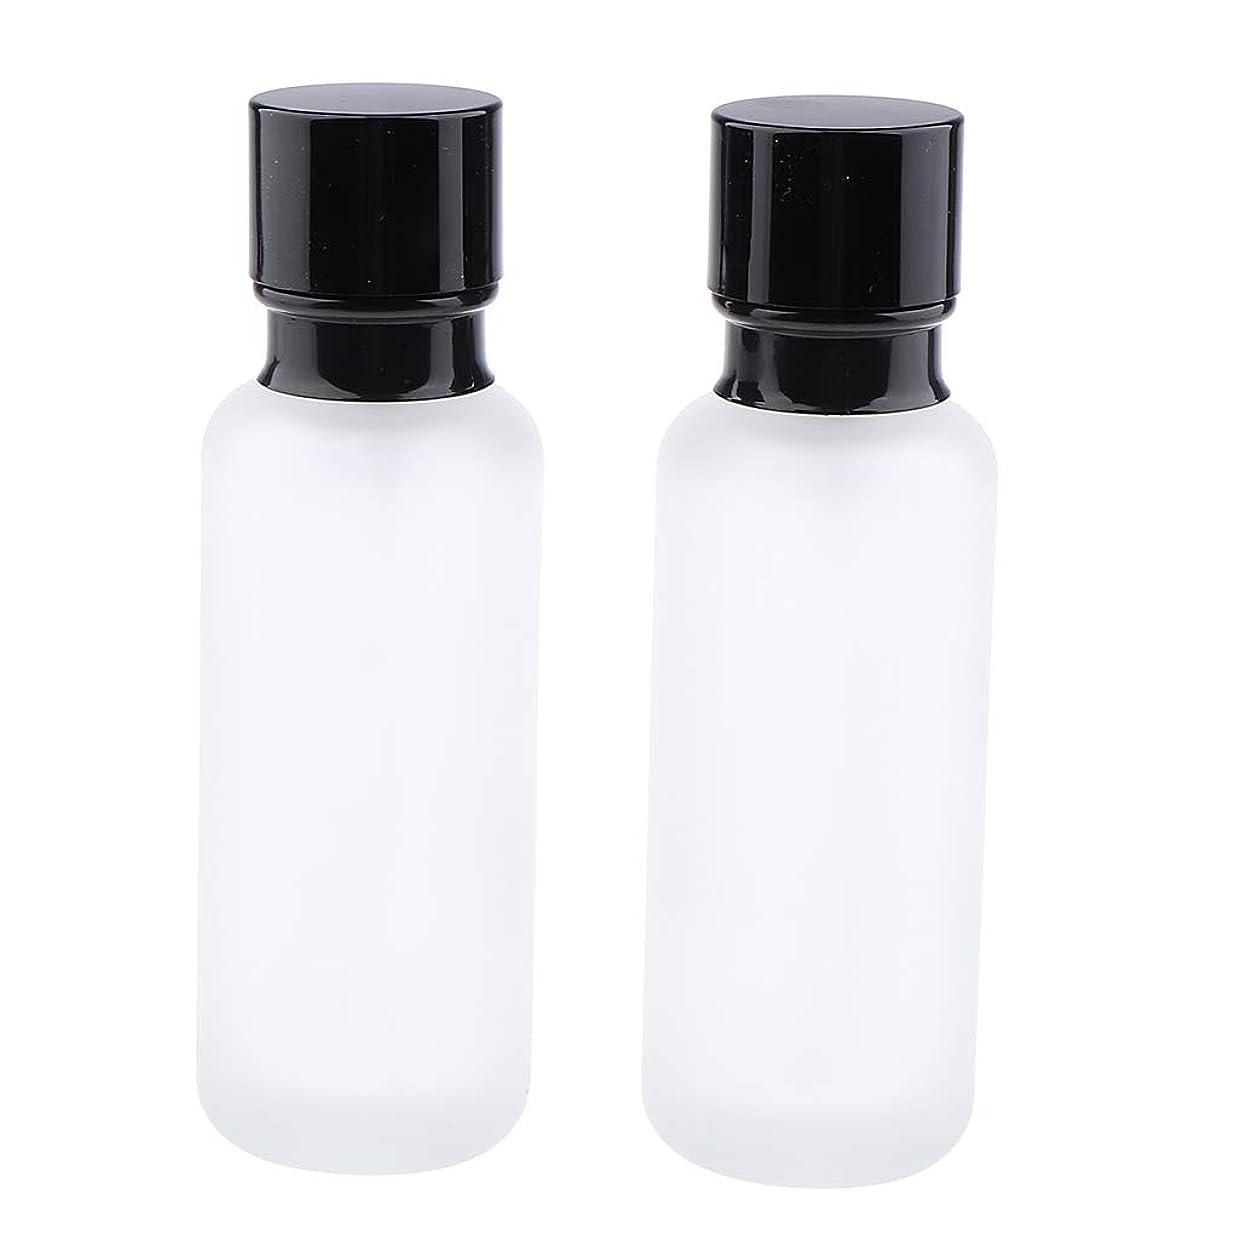 変装した作曲する批判的T TOOYFUL 2個入り 化粧ボトル ポンプボトル ローションジャー ガラス コンテナ 50/120ml 全2サイズ - 120ミリリットル